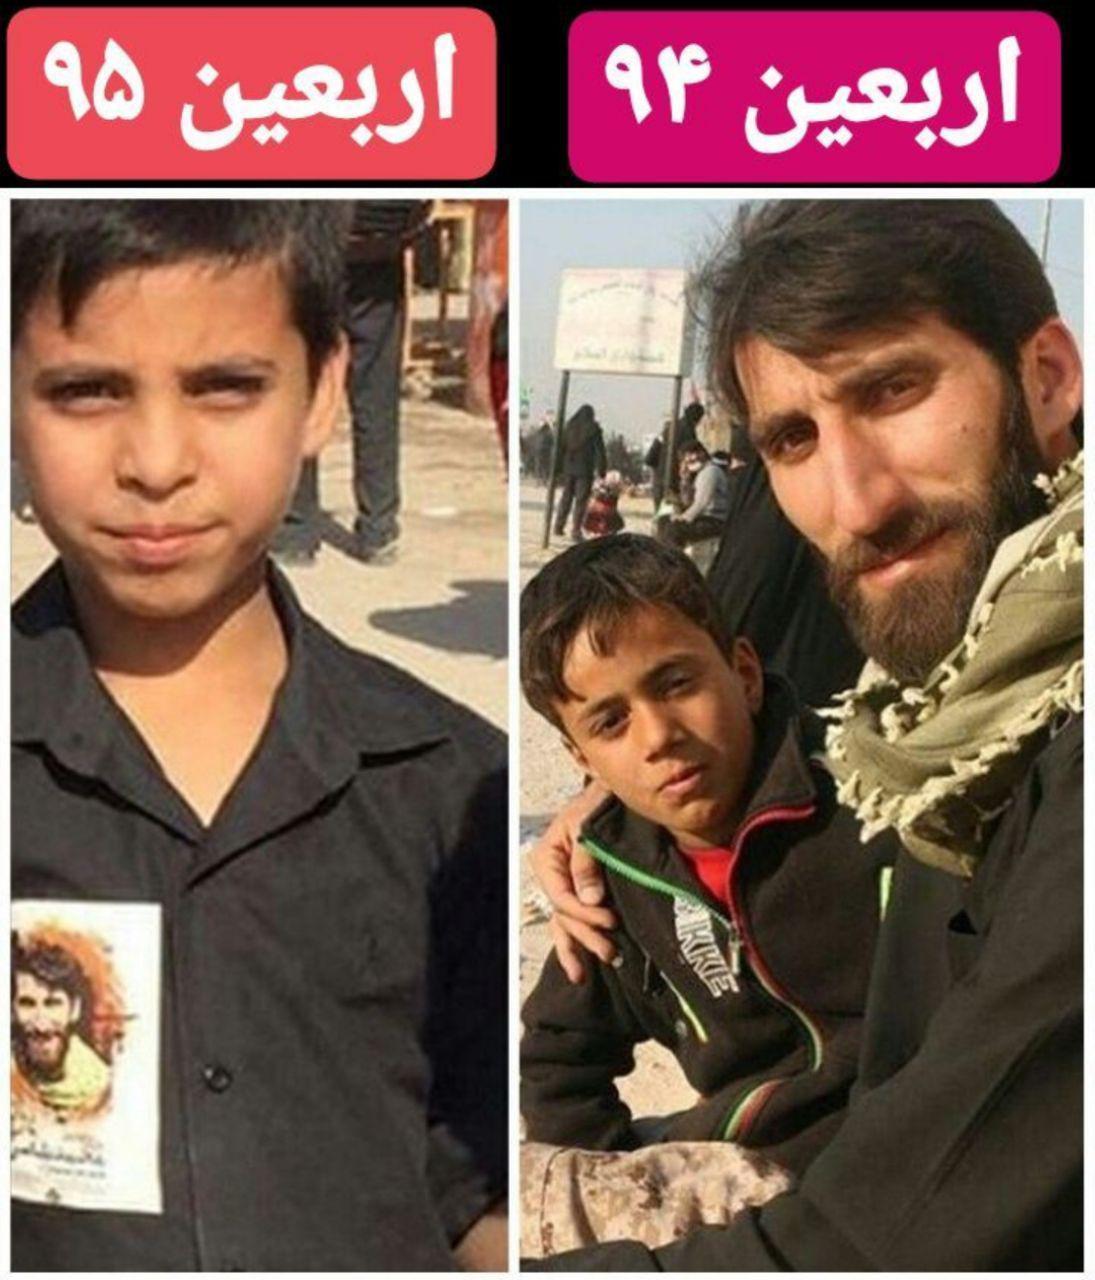 دو عکس متفاوت در پیاده روی اربعین از یک شهید مدافع حرم